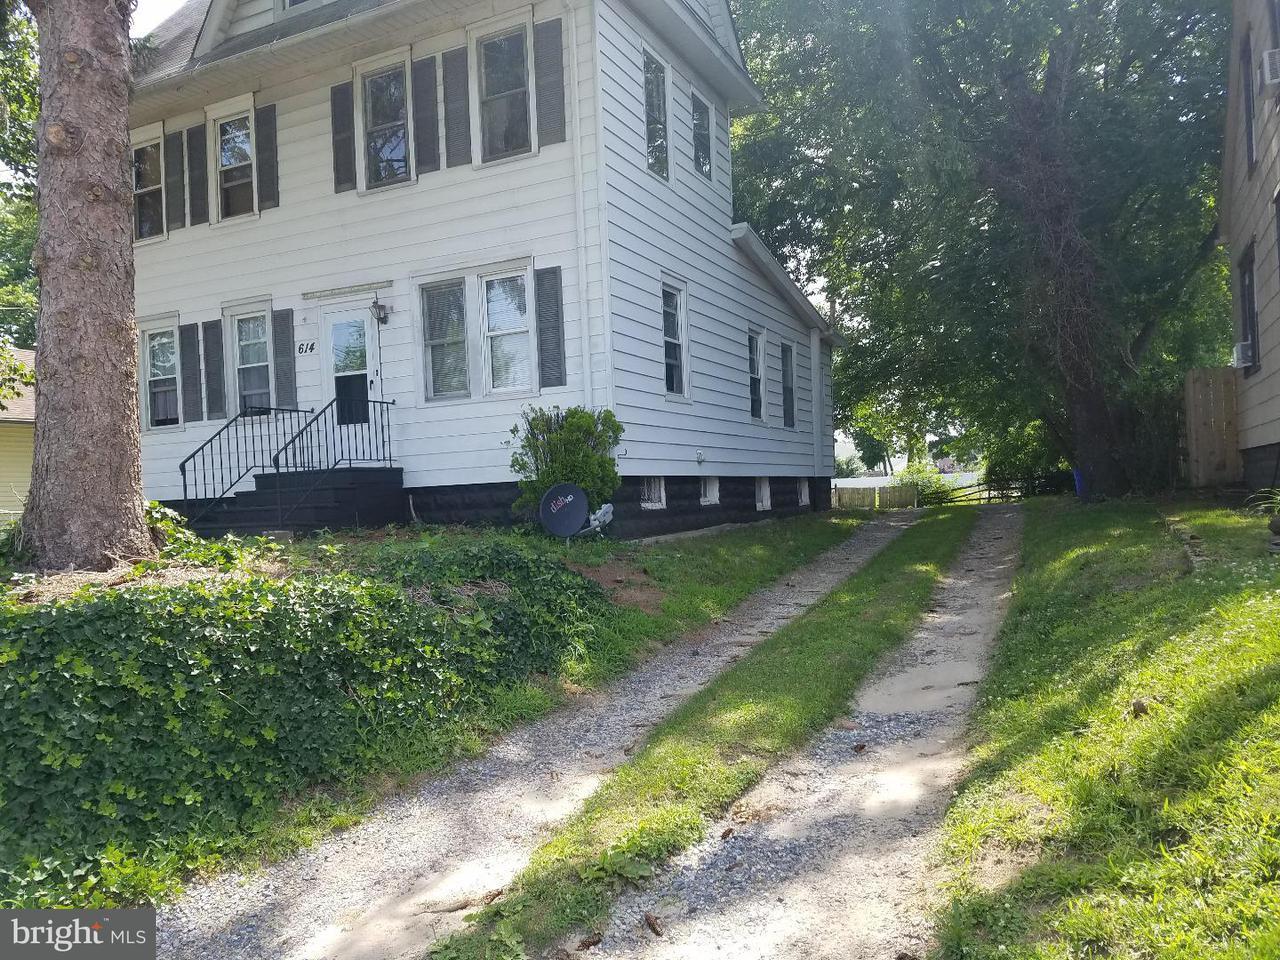 独户住宅 为 出租 在 614 BELL RD #2ND FL Mount Ephraim, 新泽西州 08059 美国